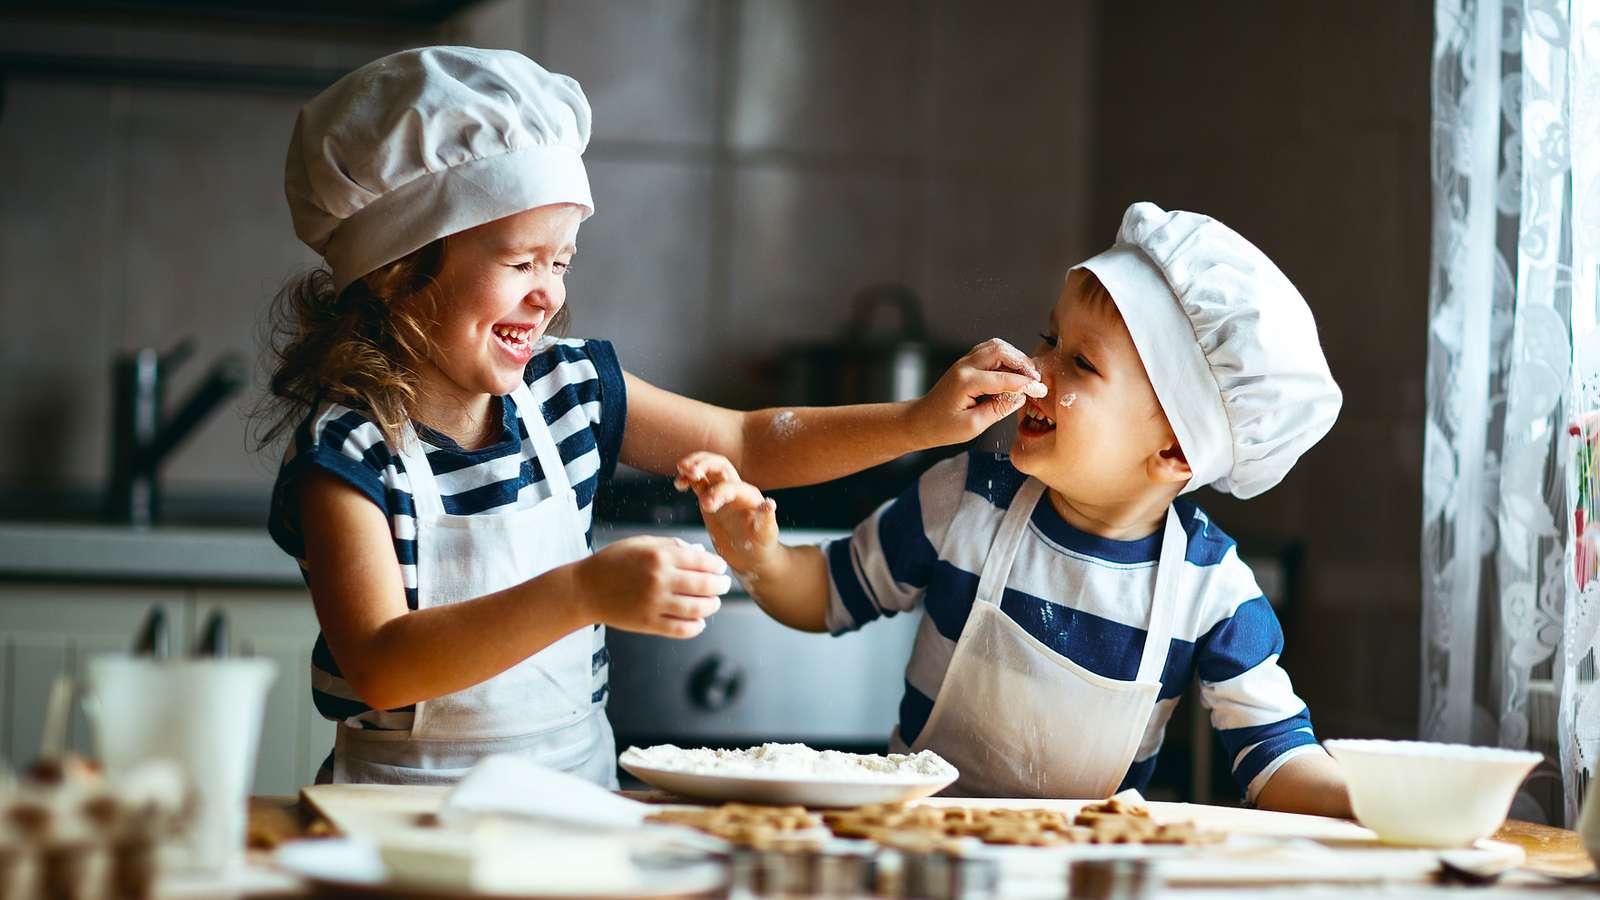 Kinderbesch ftigung im winter evidero - Bambine che cucinano ...